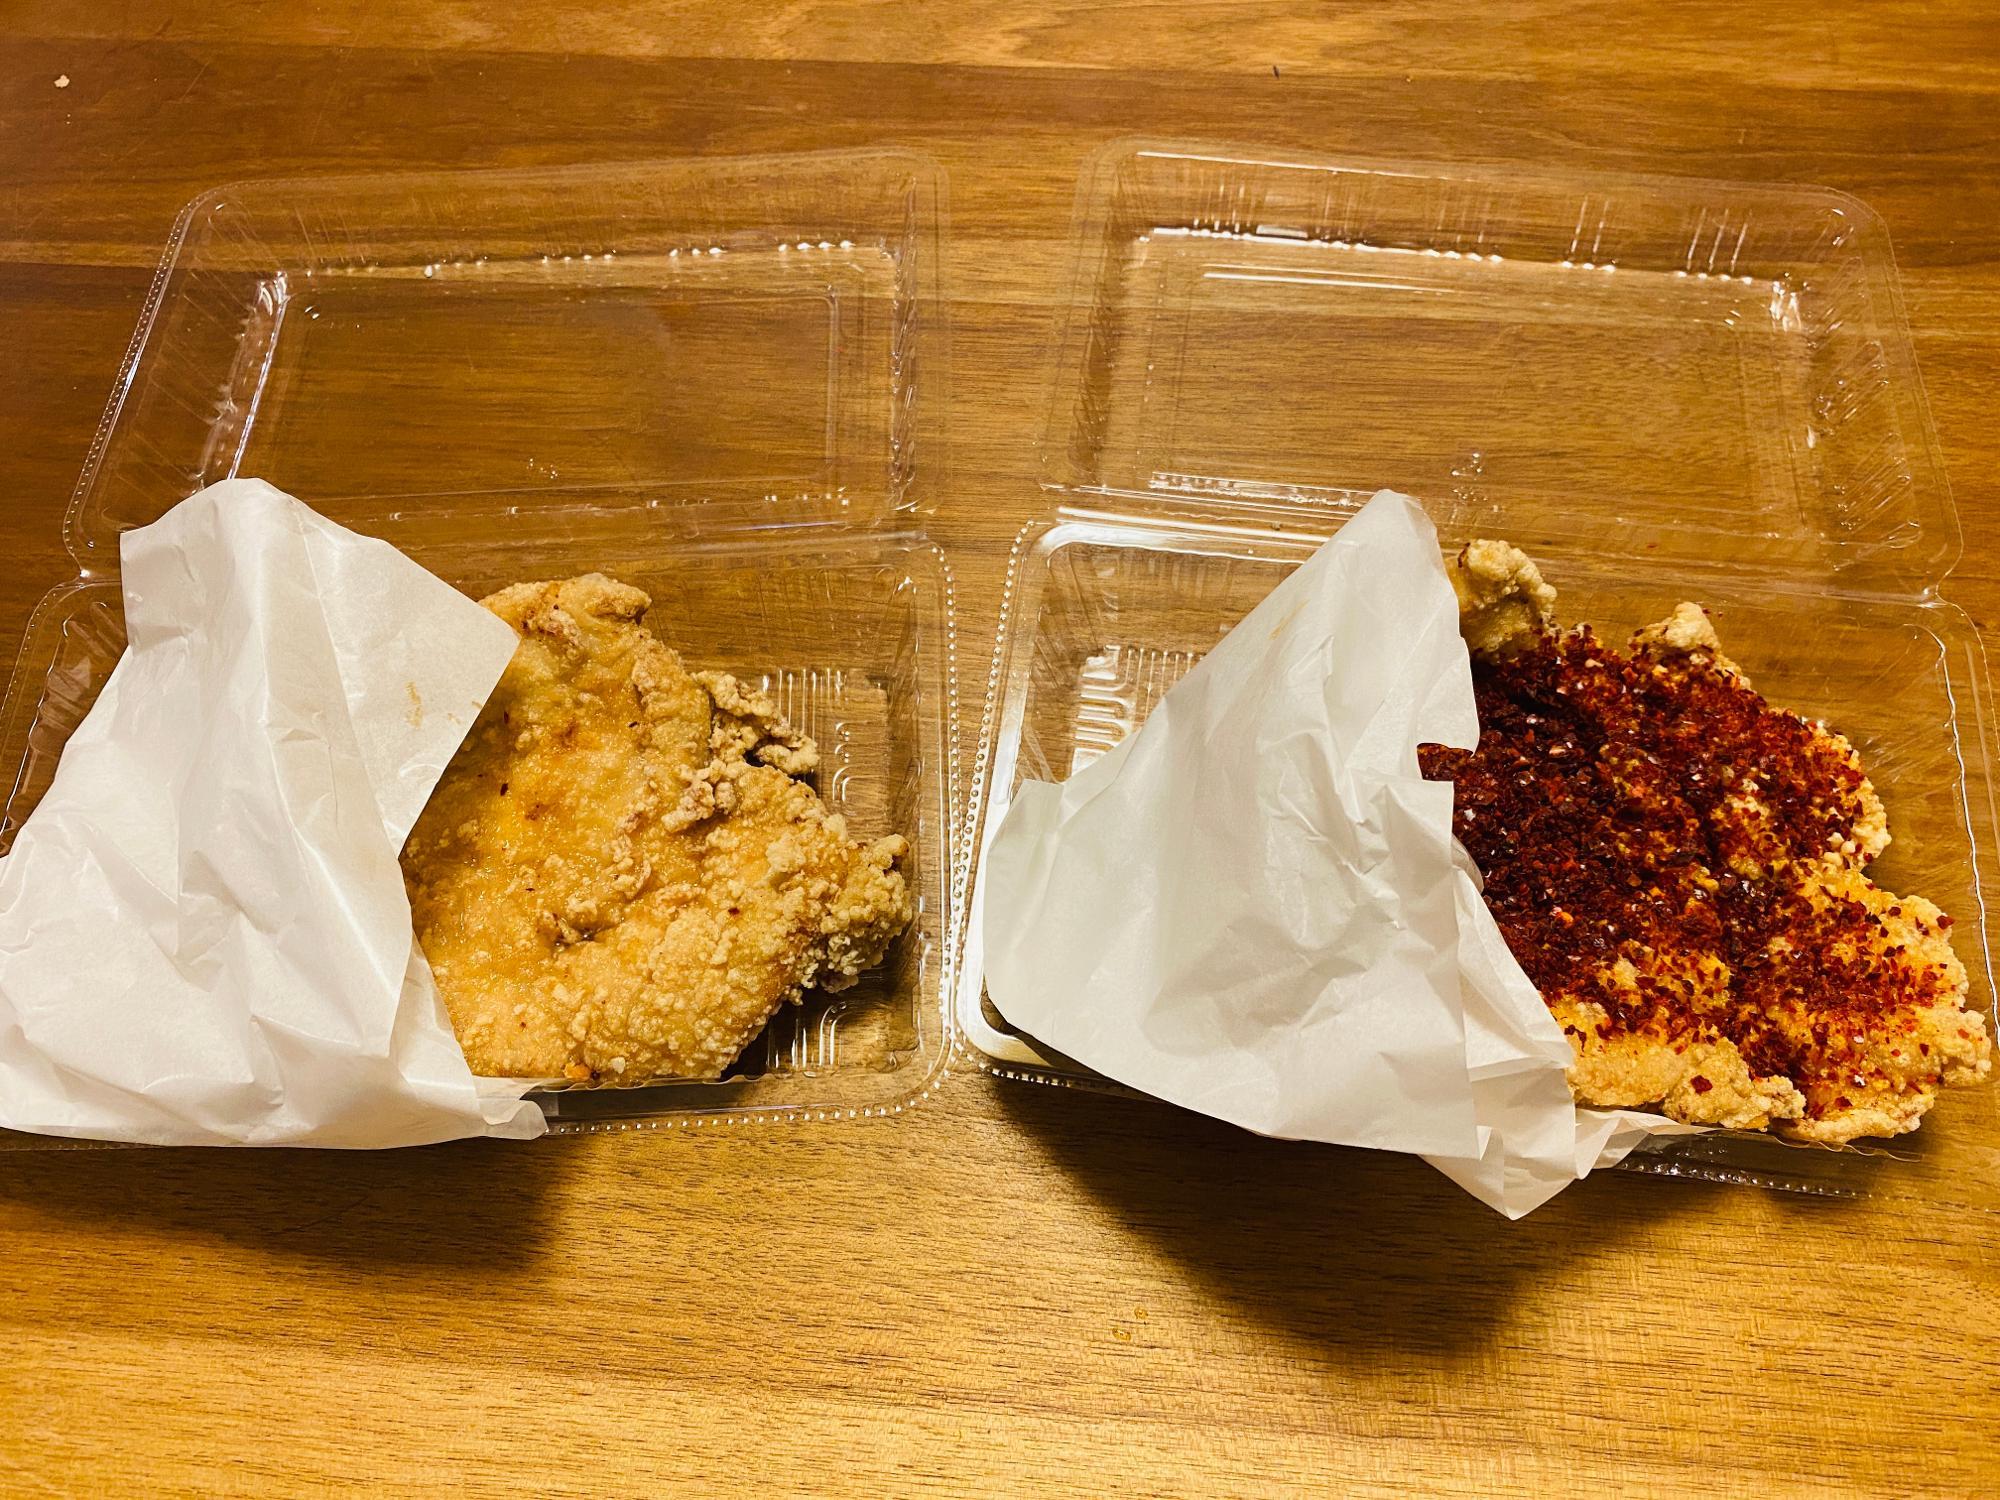 右は普通のダーチーパイ。辛いパウダーがかかっています。左はパウダーなし。